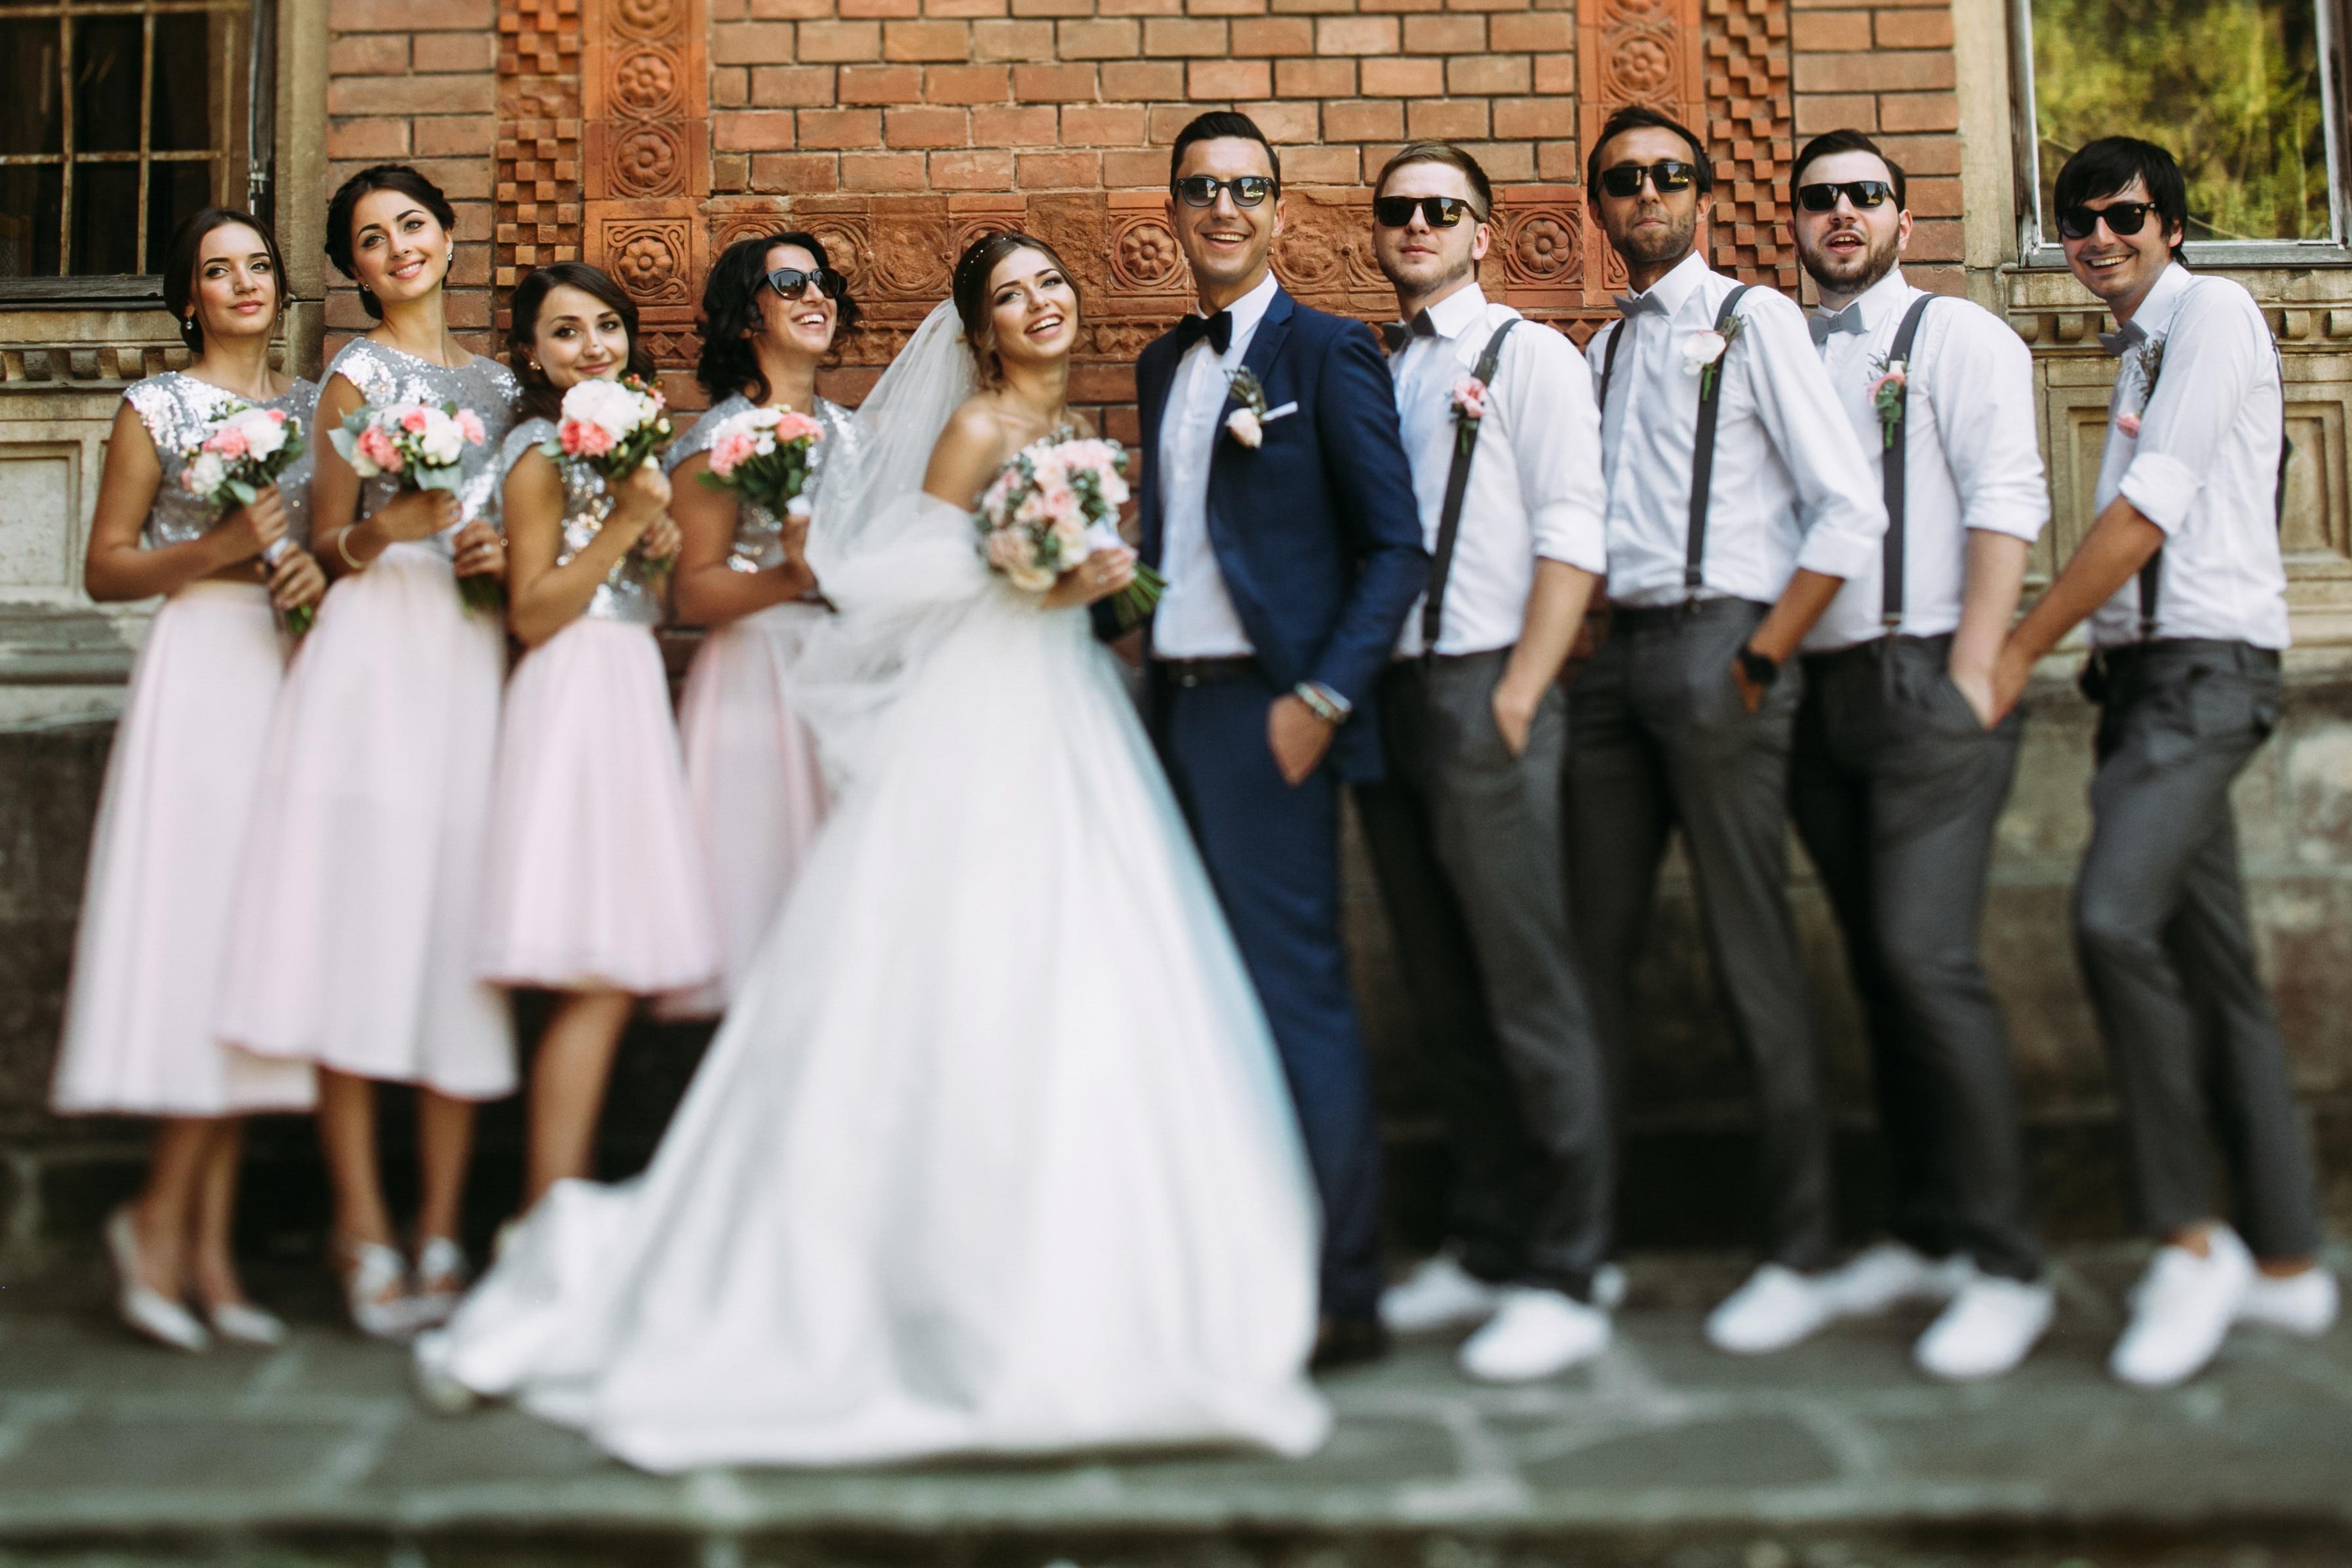 Naloge poročne priče, poroka, nevesta, poročna priča, zaobljuba.si